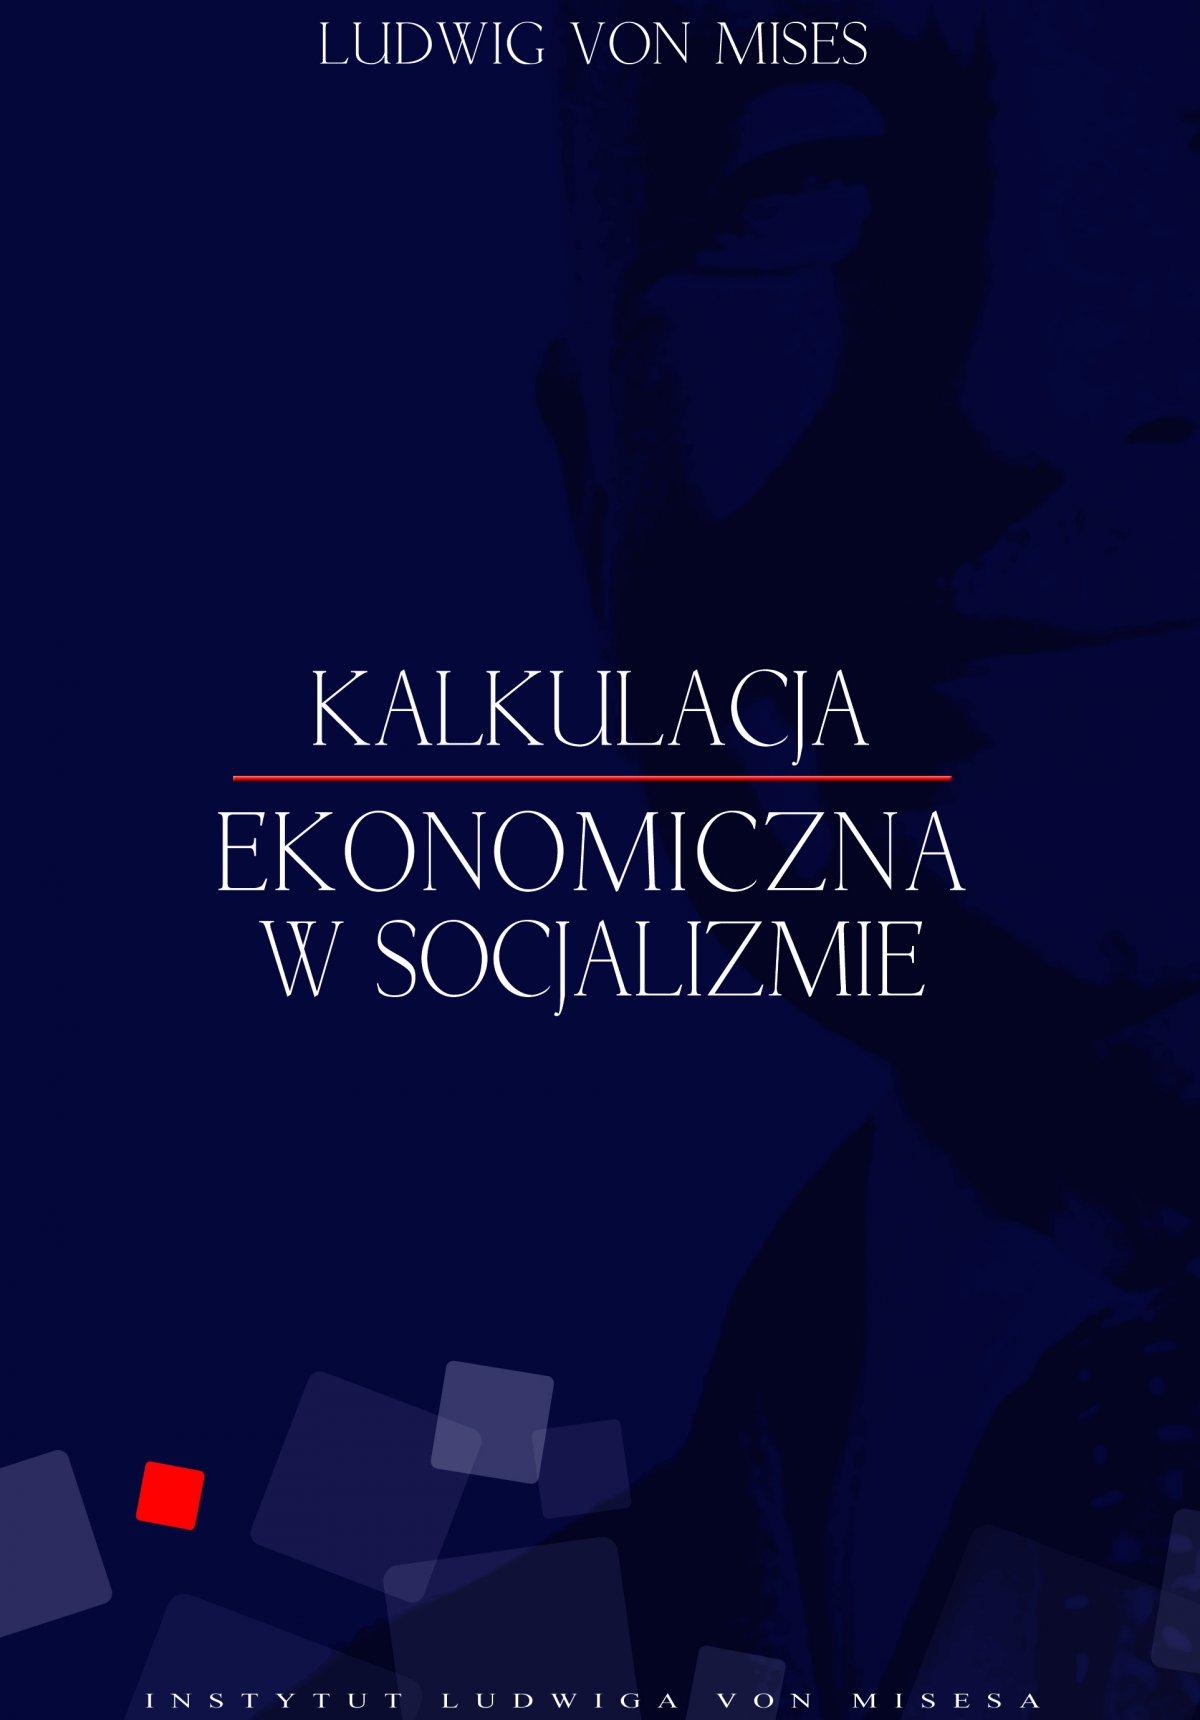 Kalkulacje ekonomiczna w socjalizmie - Ebook (Książka PDF) do pobrania w formacie PDF